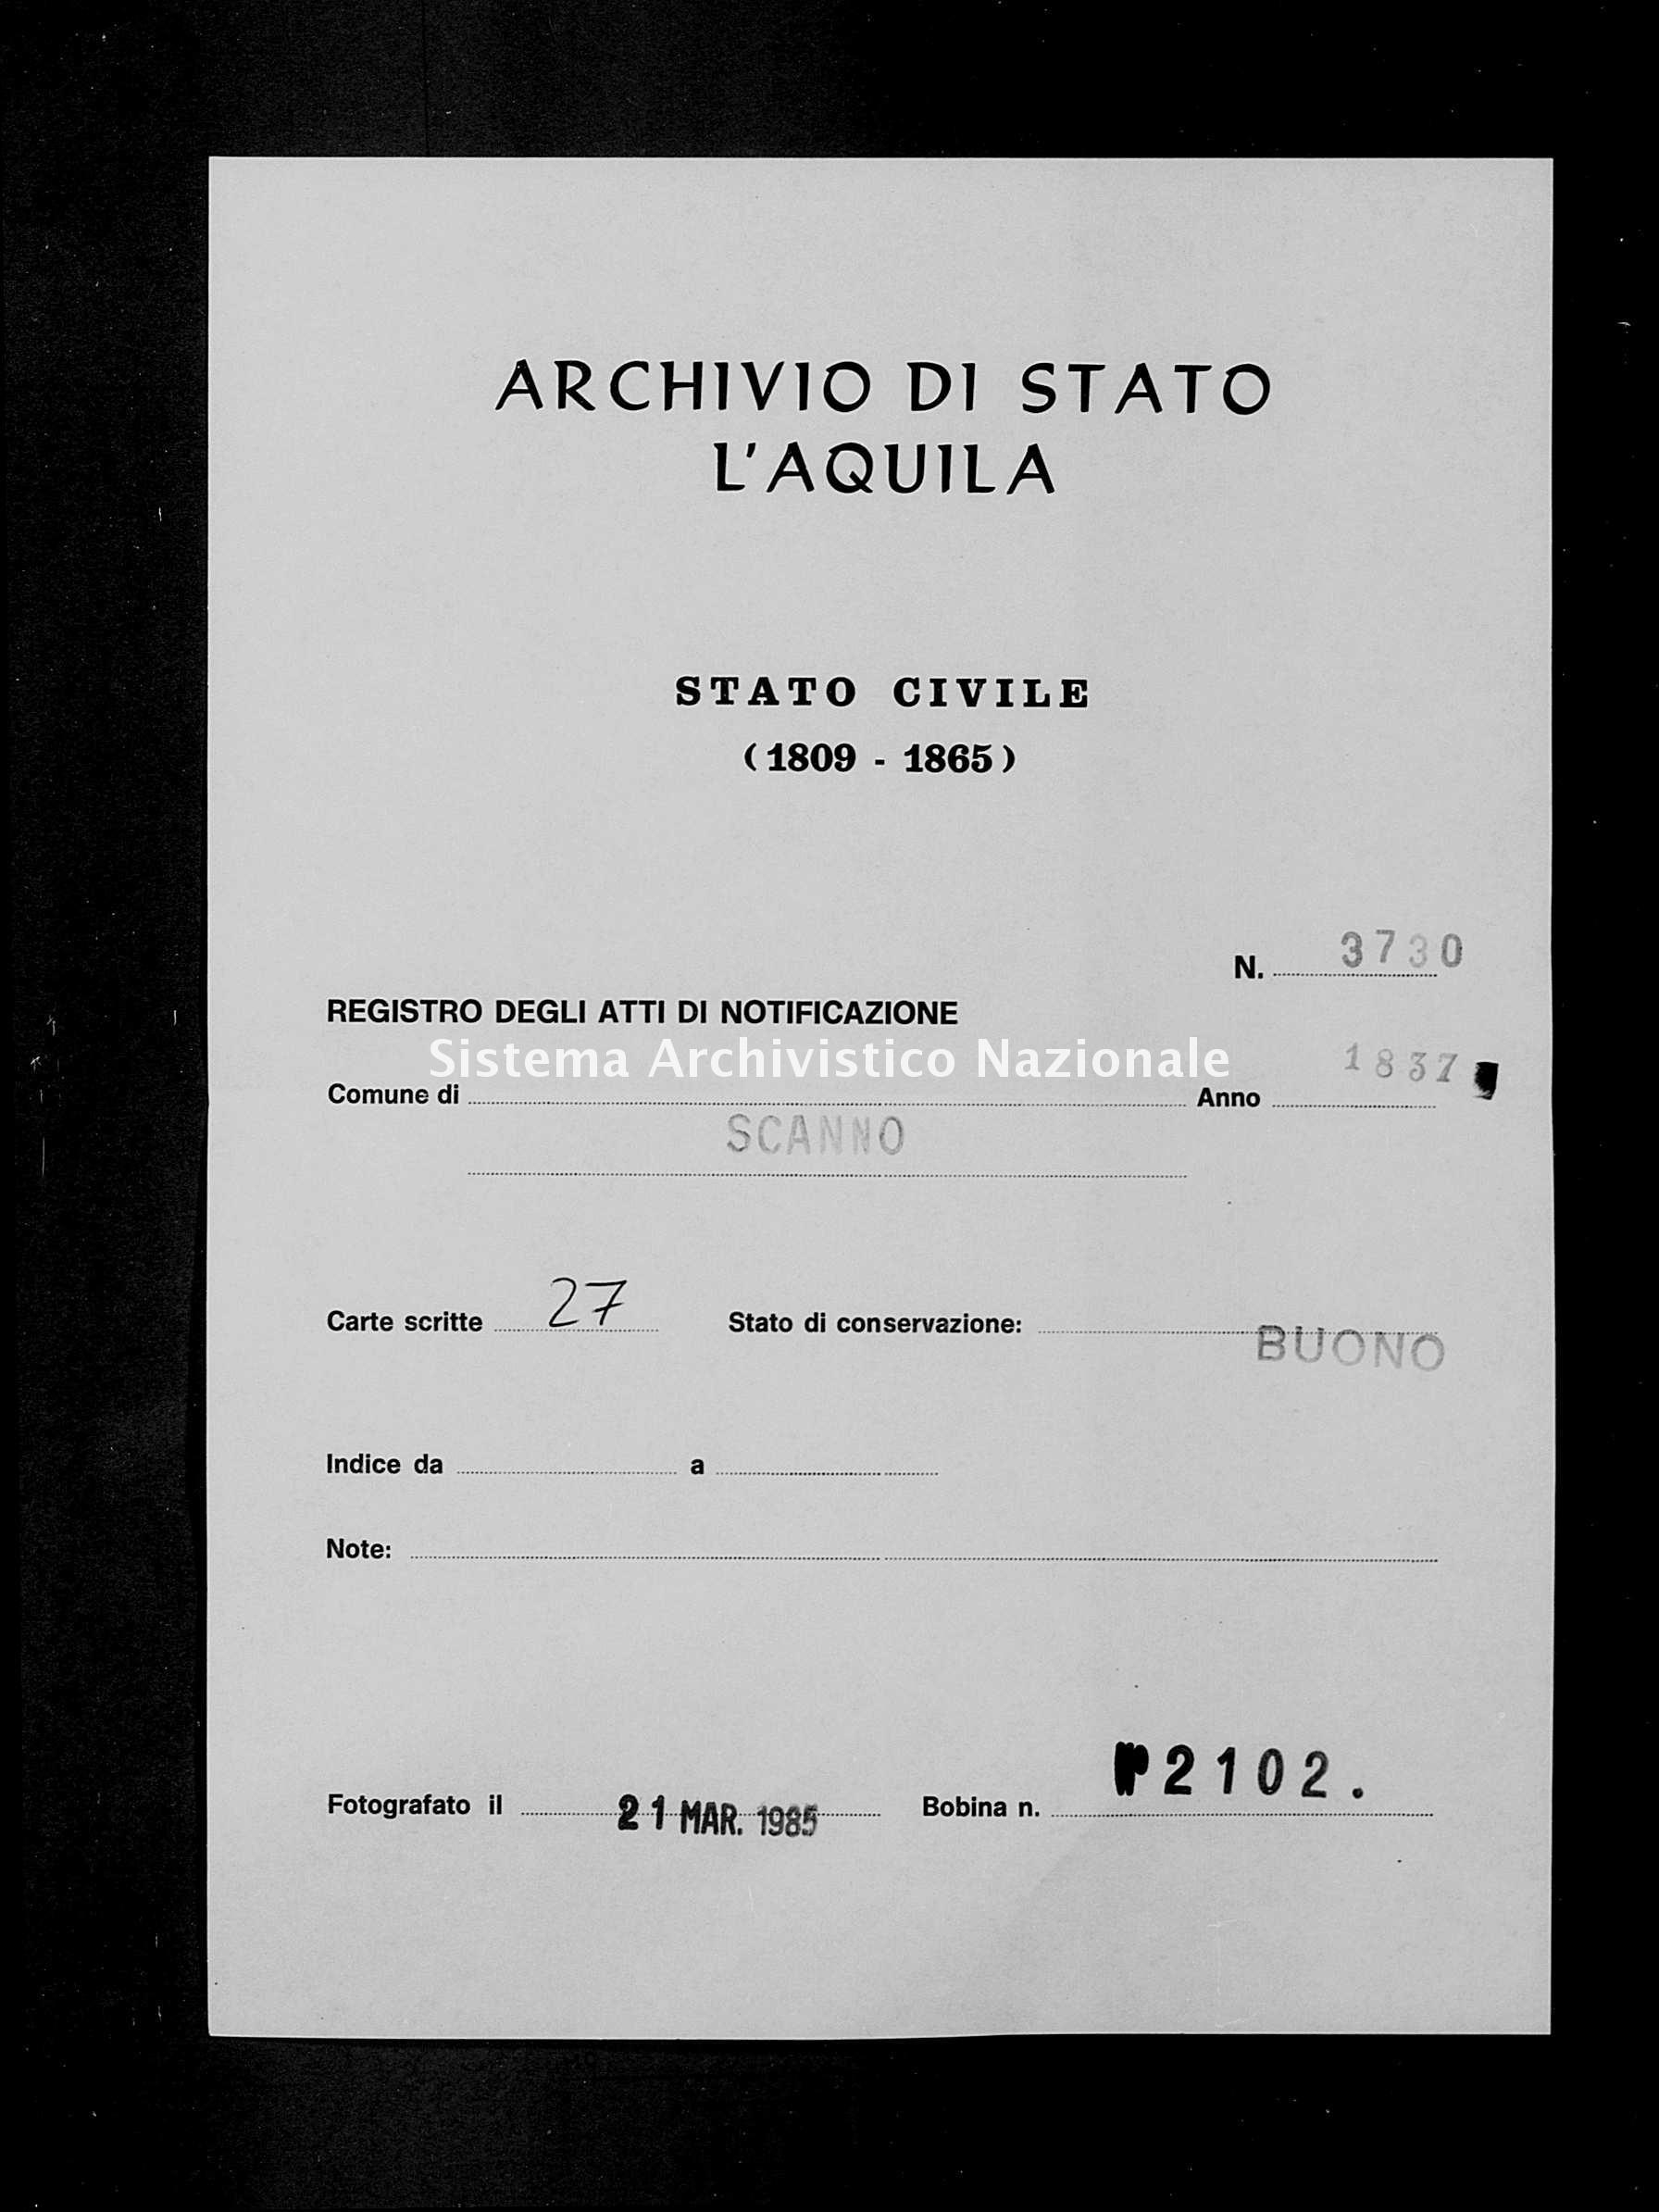 Archivio di stato di L'aquila - Stato civile della restaurazione - Scanno - Matrimoni, memorandum notificazioni ed opposizioni - 1837 - 3730 -